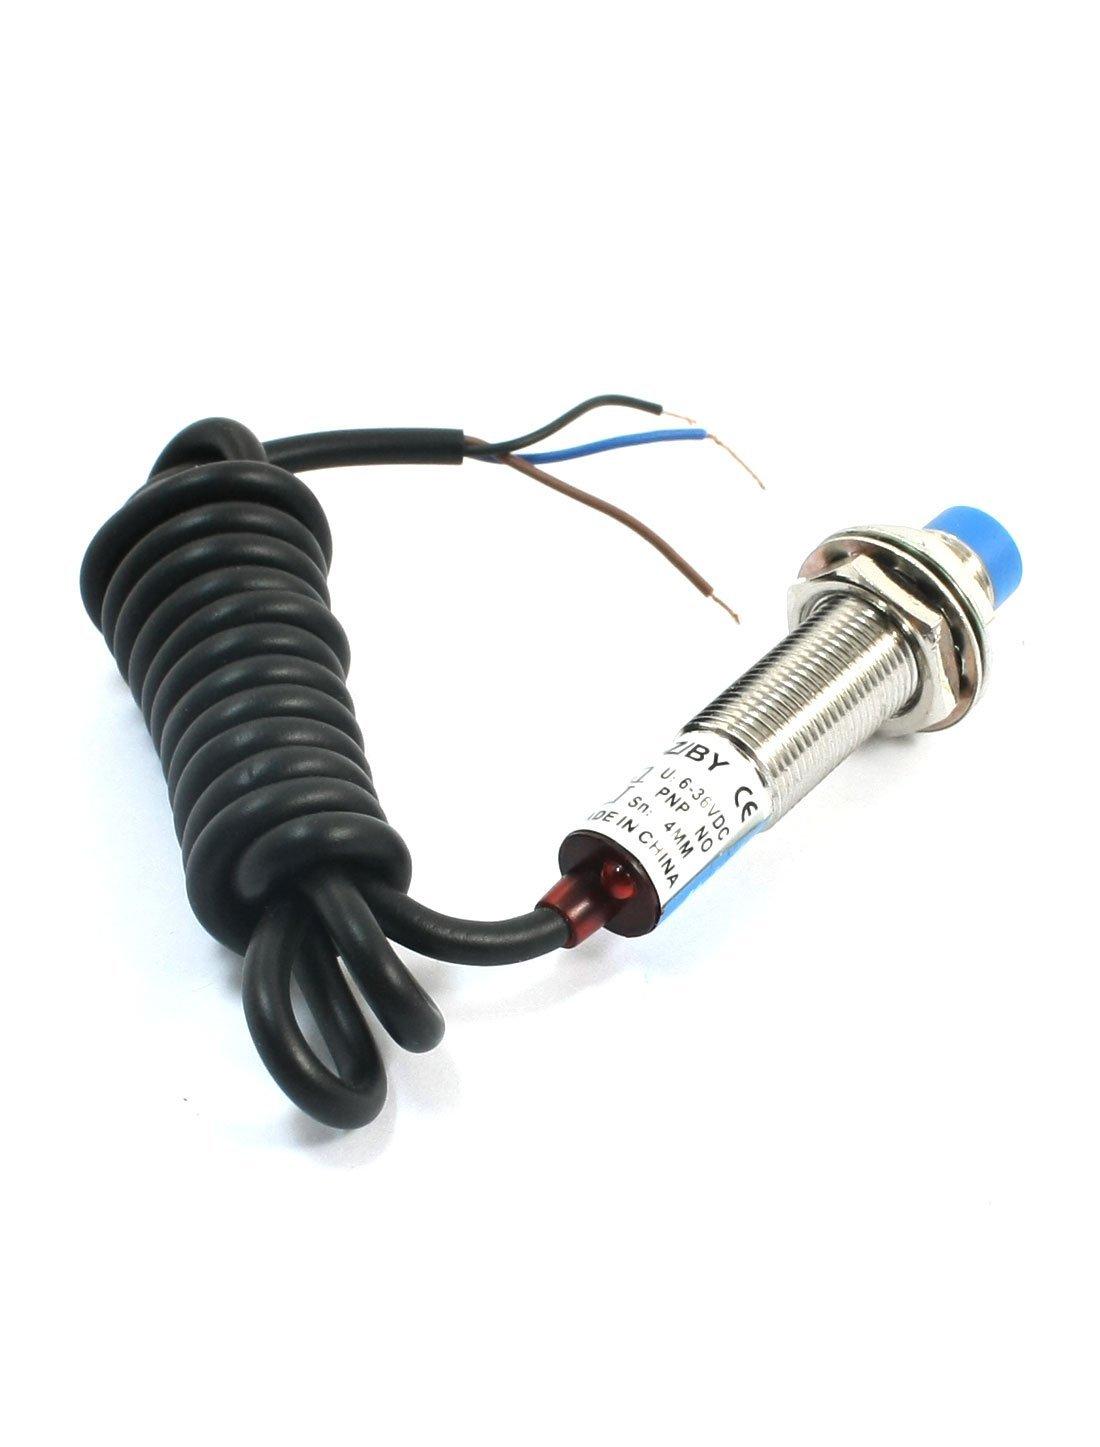 eDealMax LJ12A3-4-Z 3-Cable del interruptor de DC 6-36V de proximidad inductivos detección del Sensor: Amazon.com: Industrial & Scientific